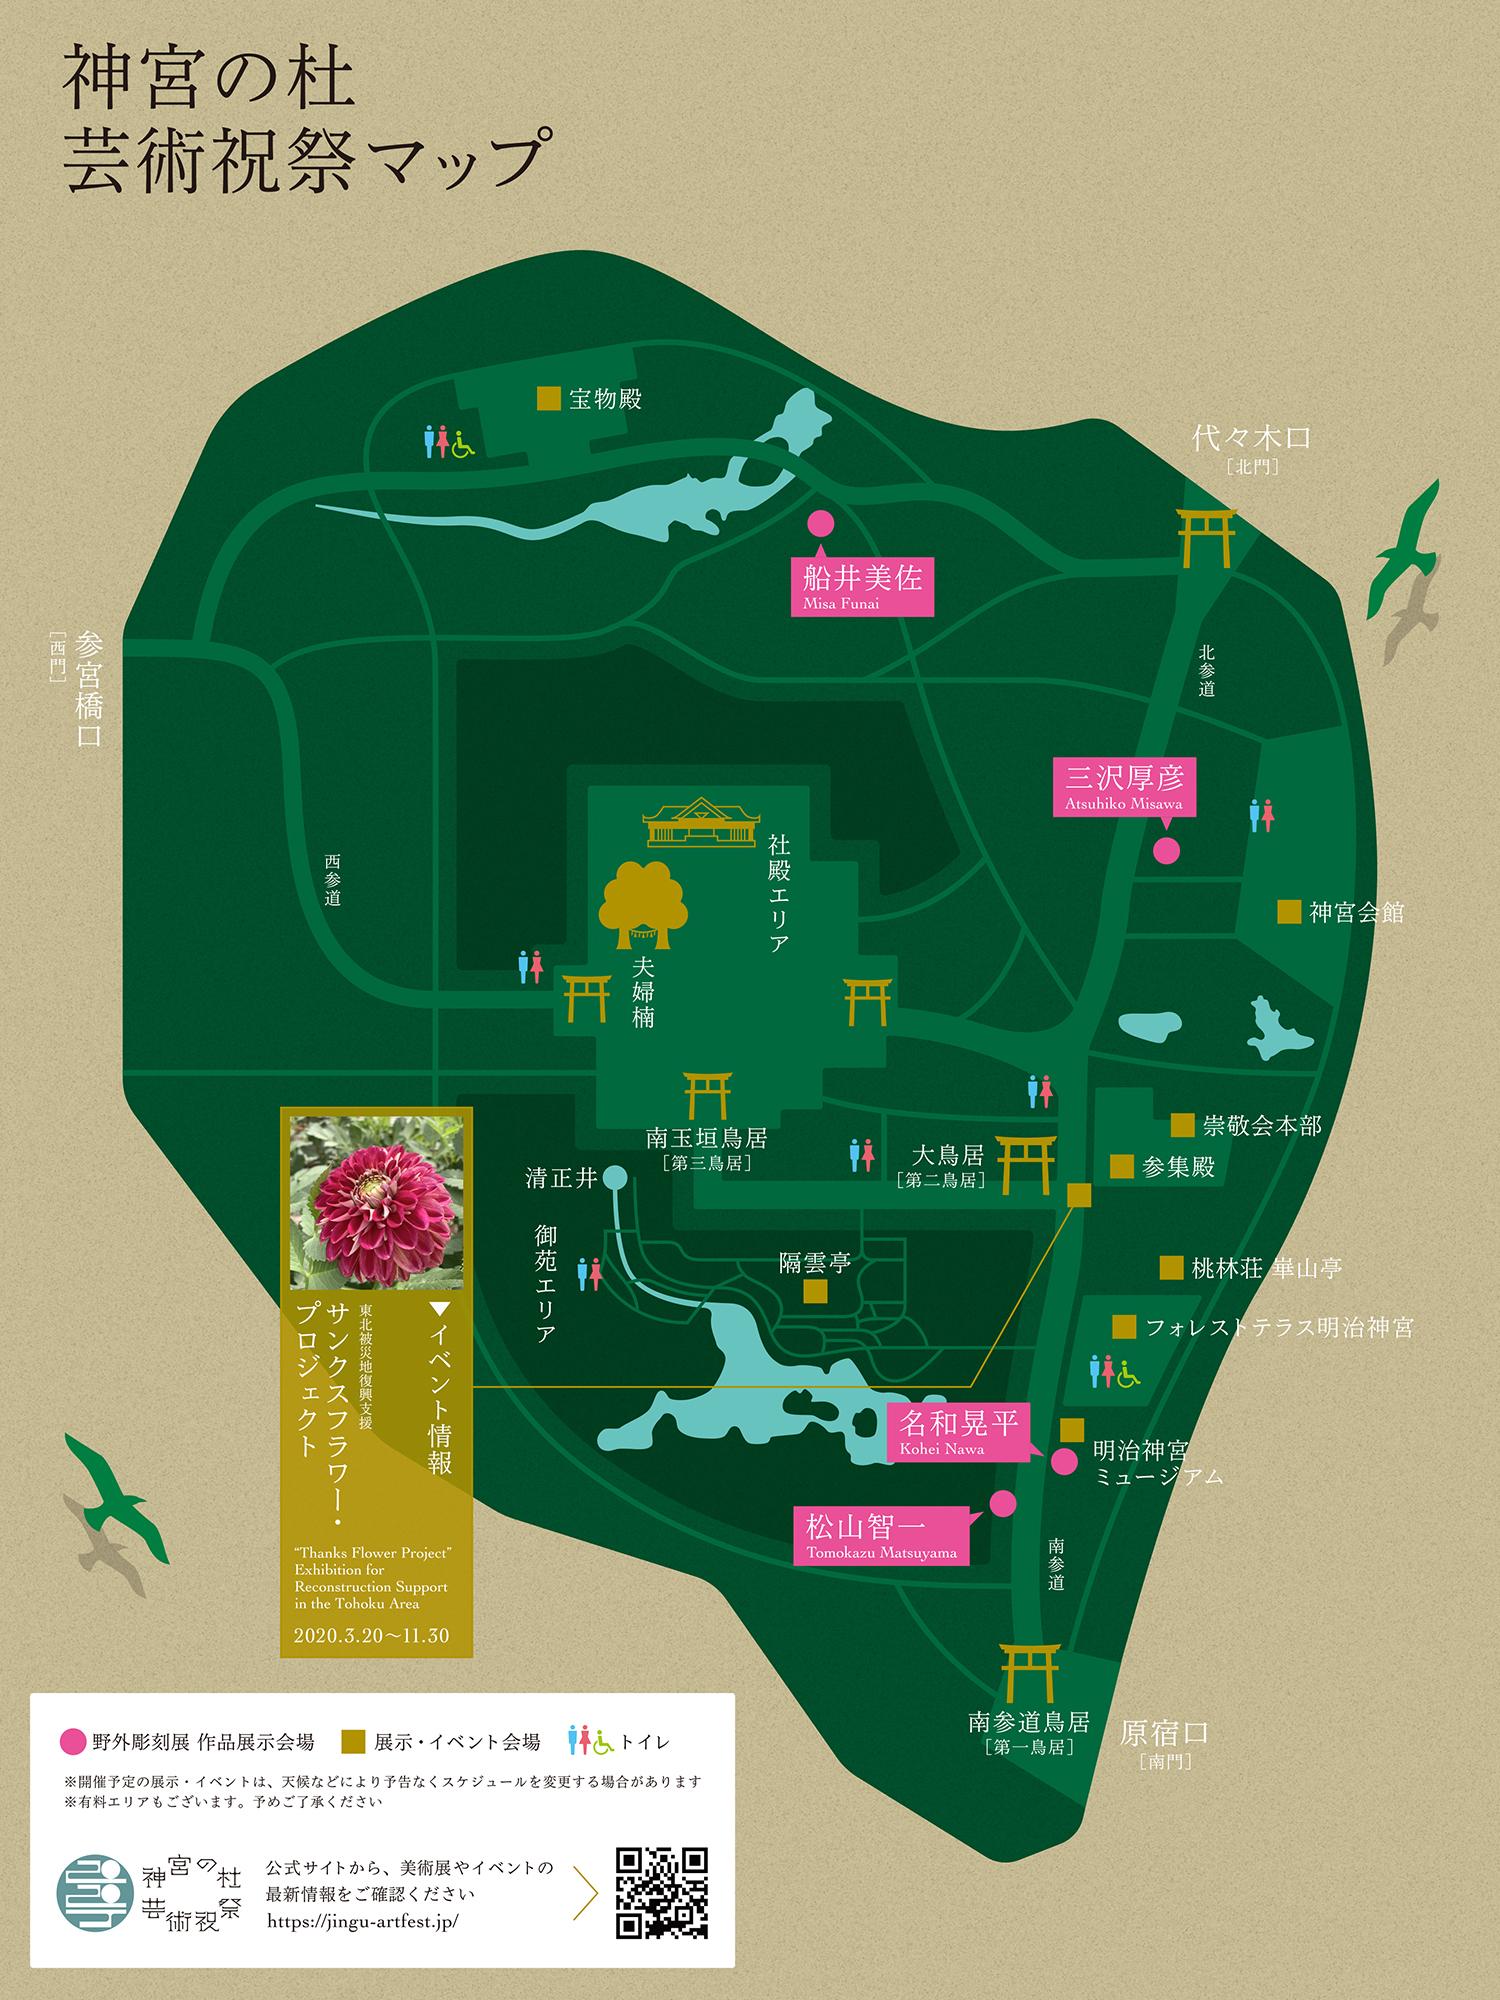 神宮の杜芸術祝祭マップ(サンクスフラワー・プロジェクト)